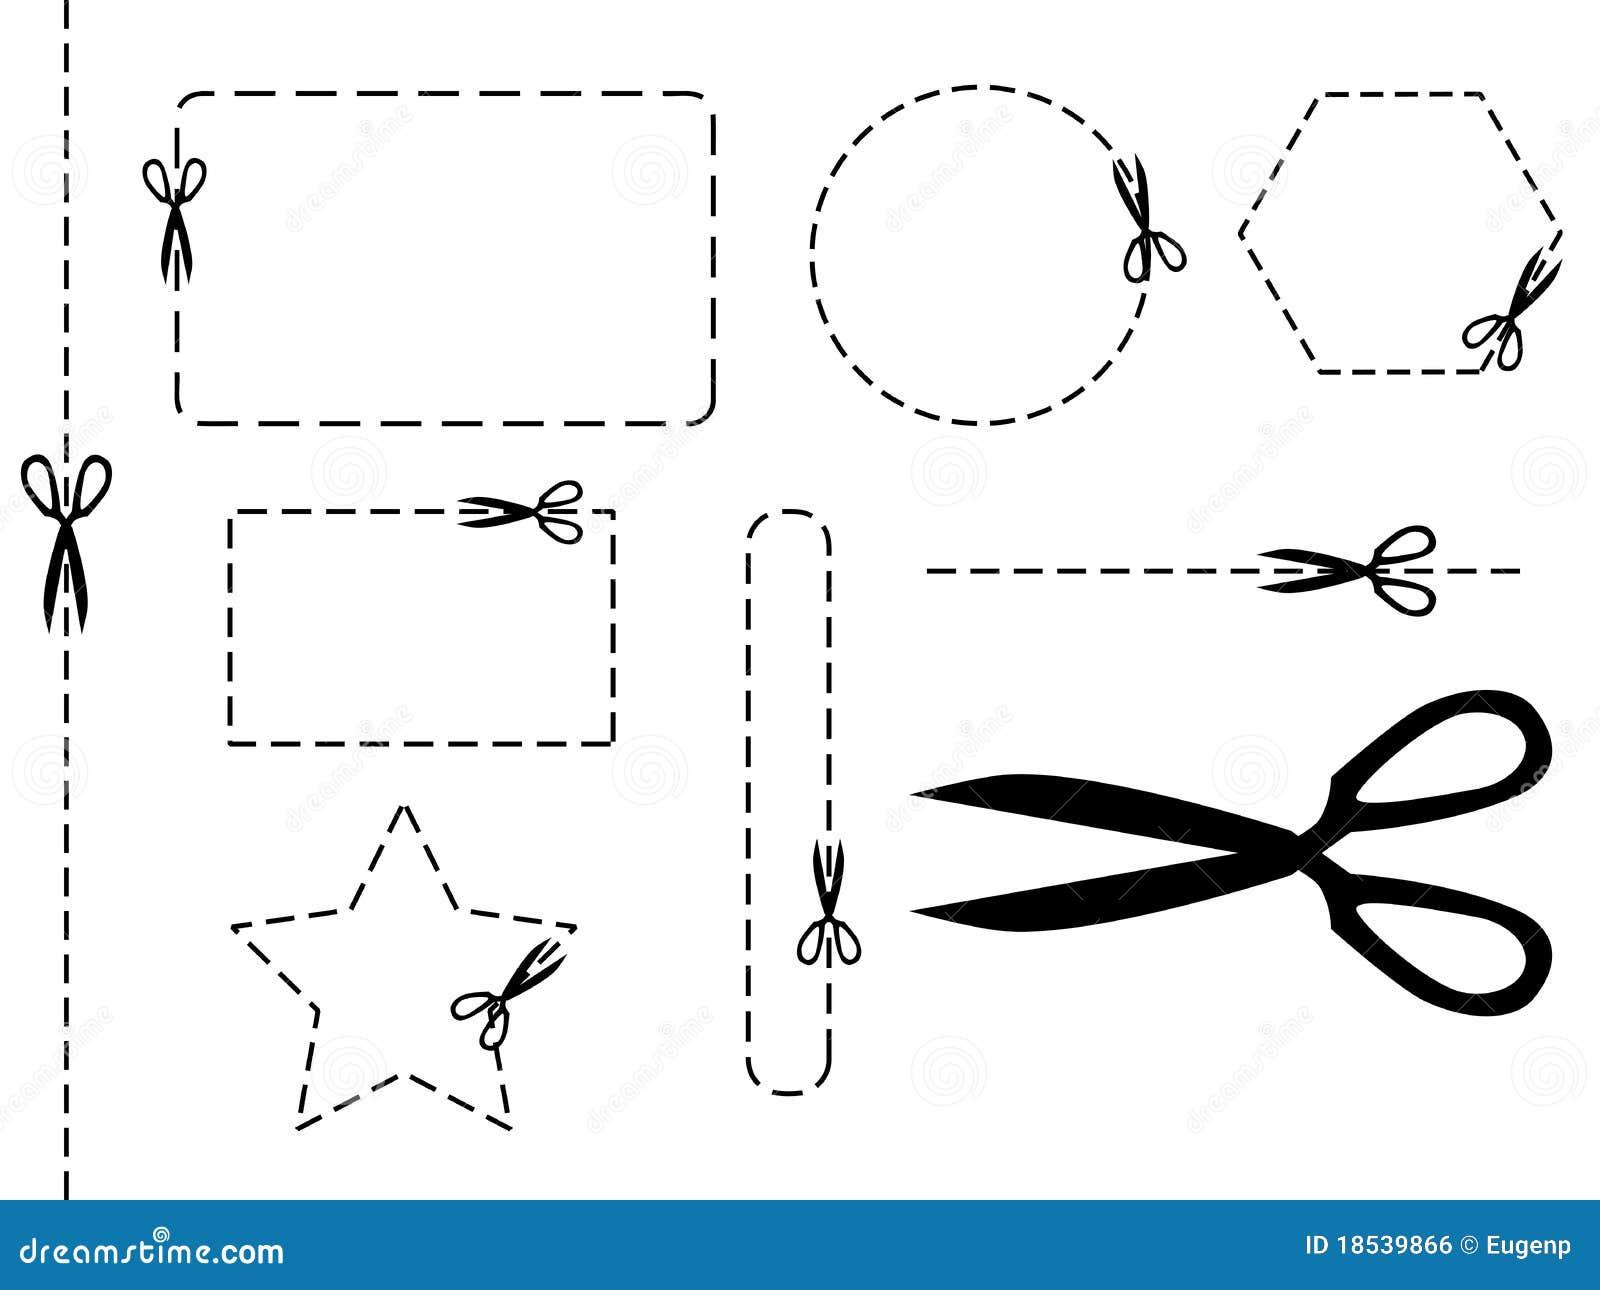 картинки которые вырезают ножницами женщины мужчины тельцы